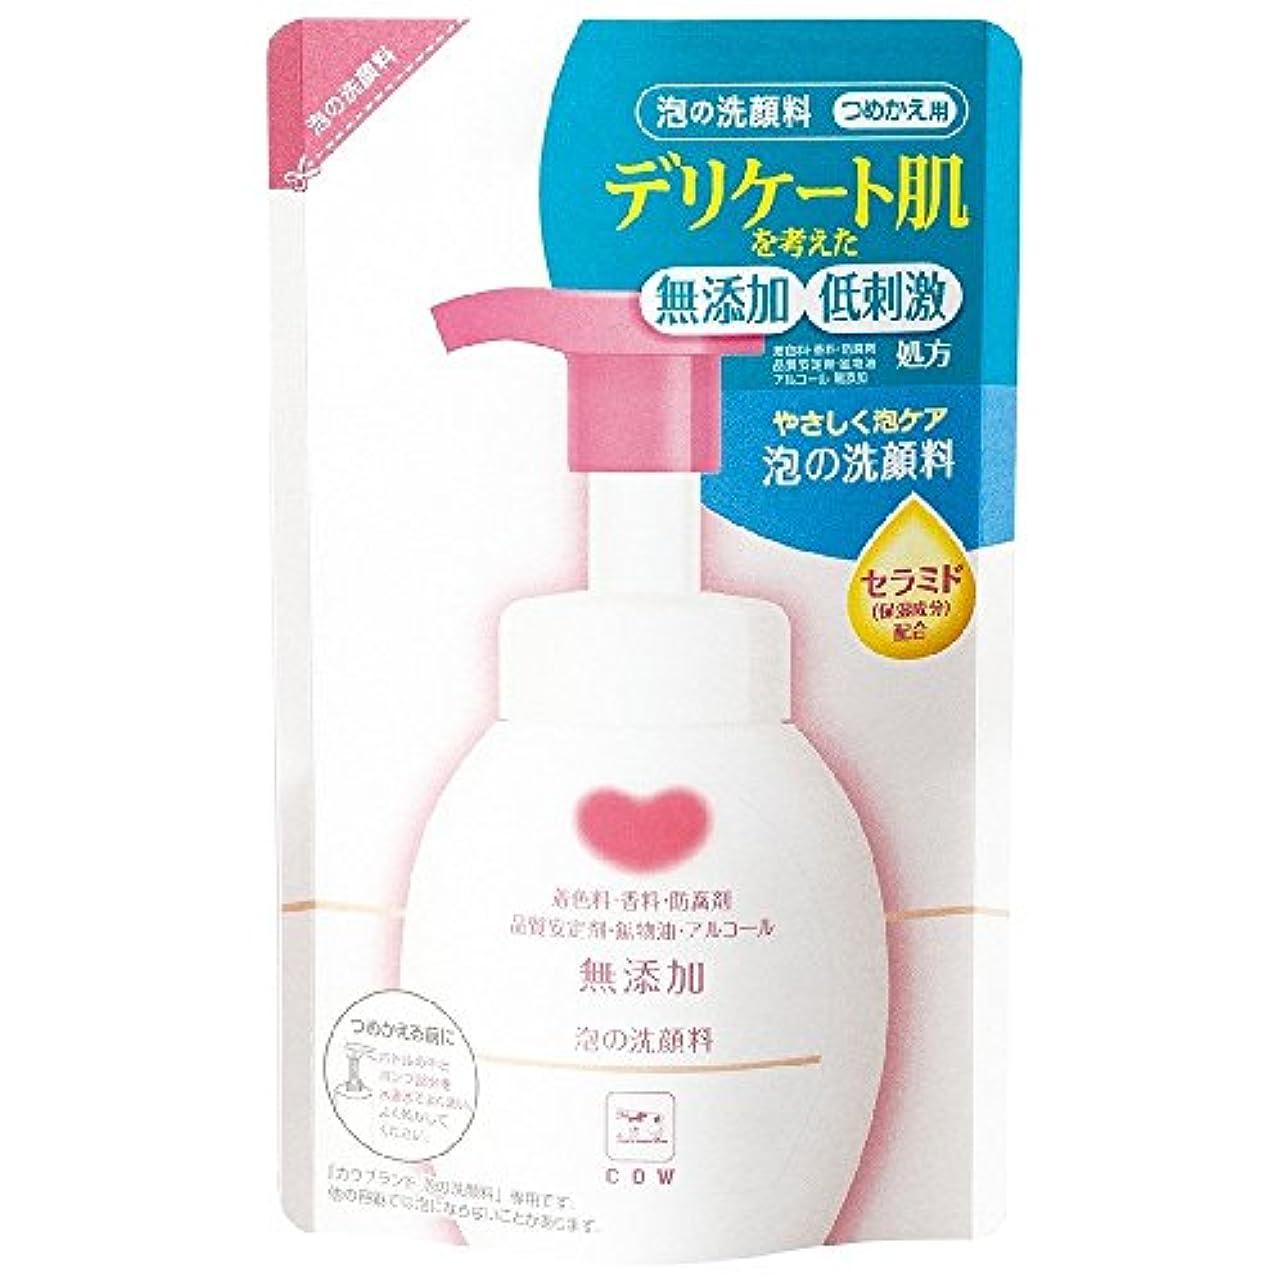 心のこもった涙ホイップカウブランド 無添加泡の洗顔料 詰替用 180ML